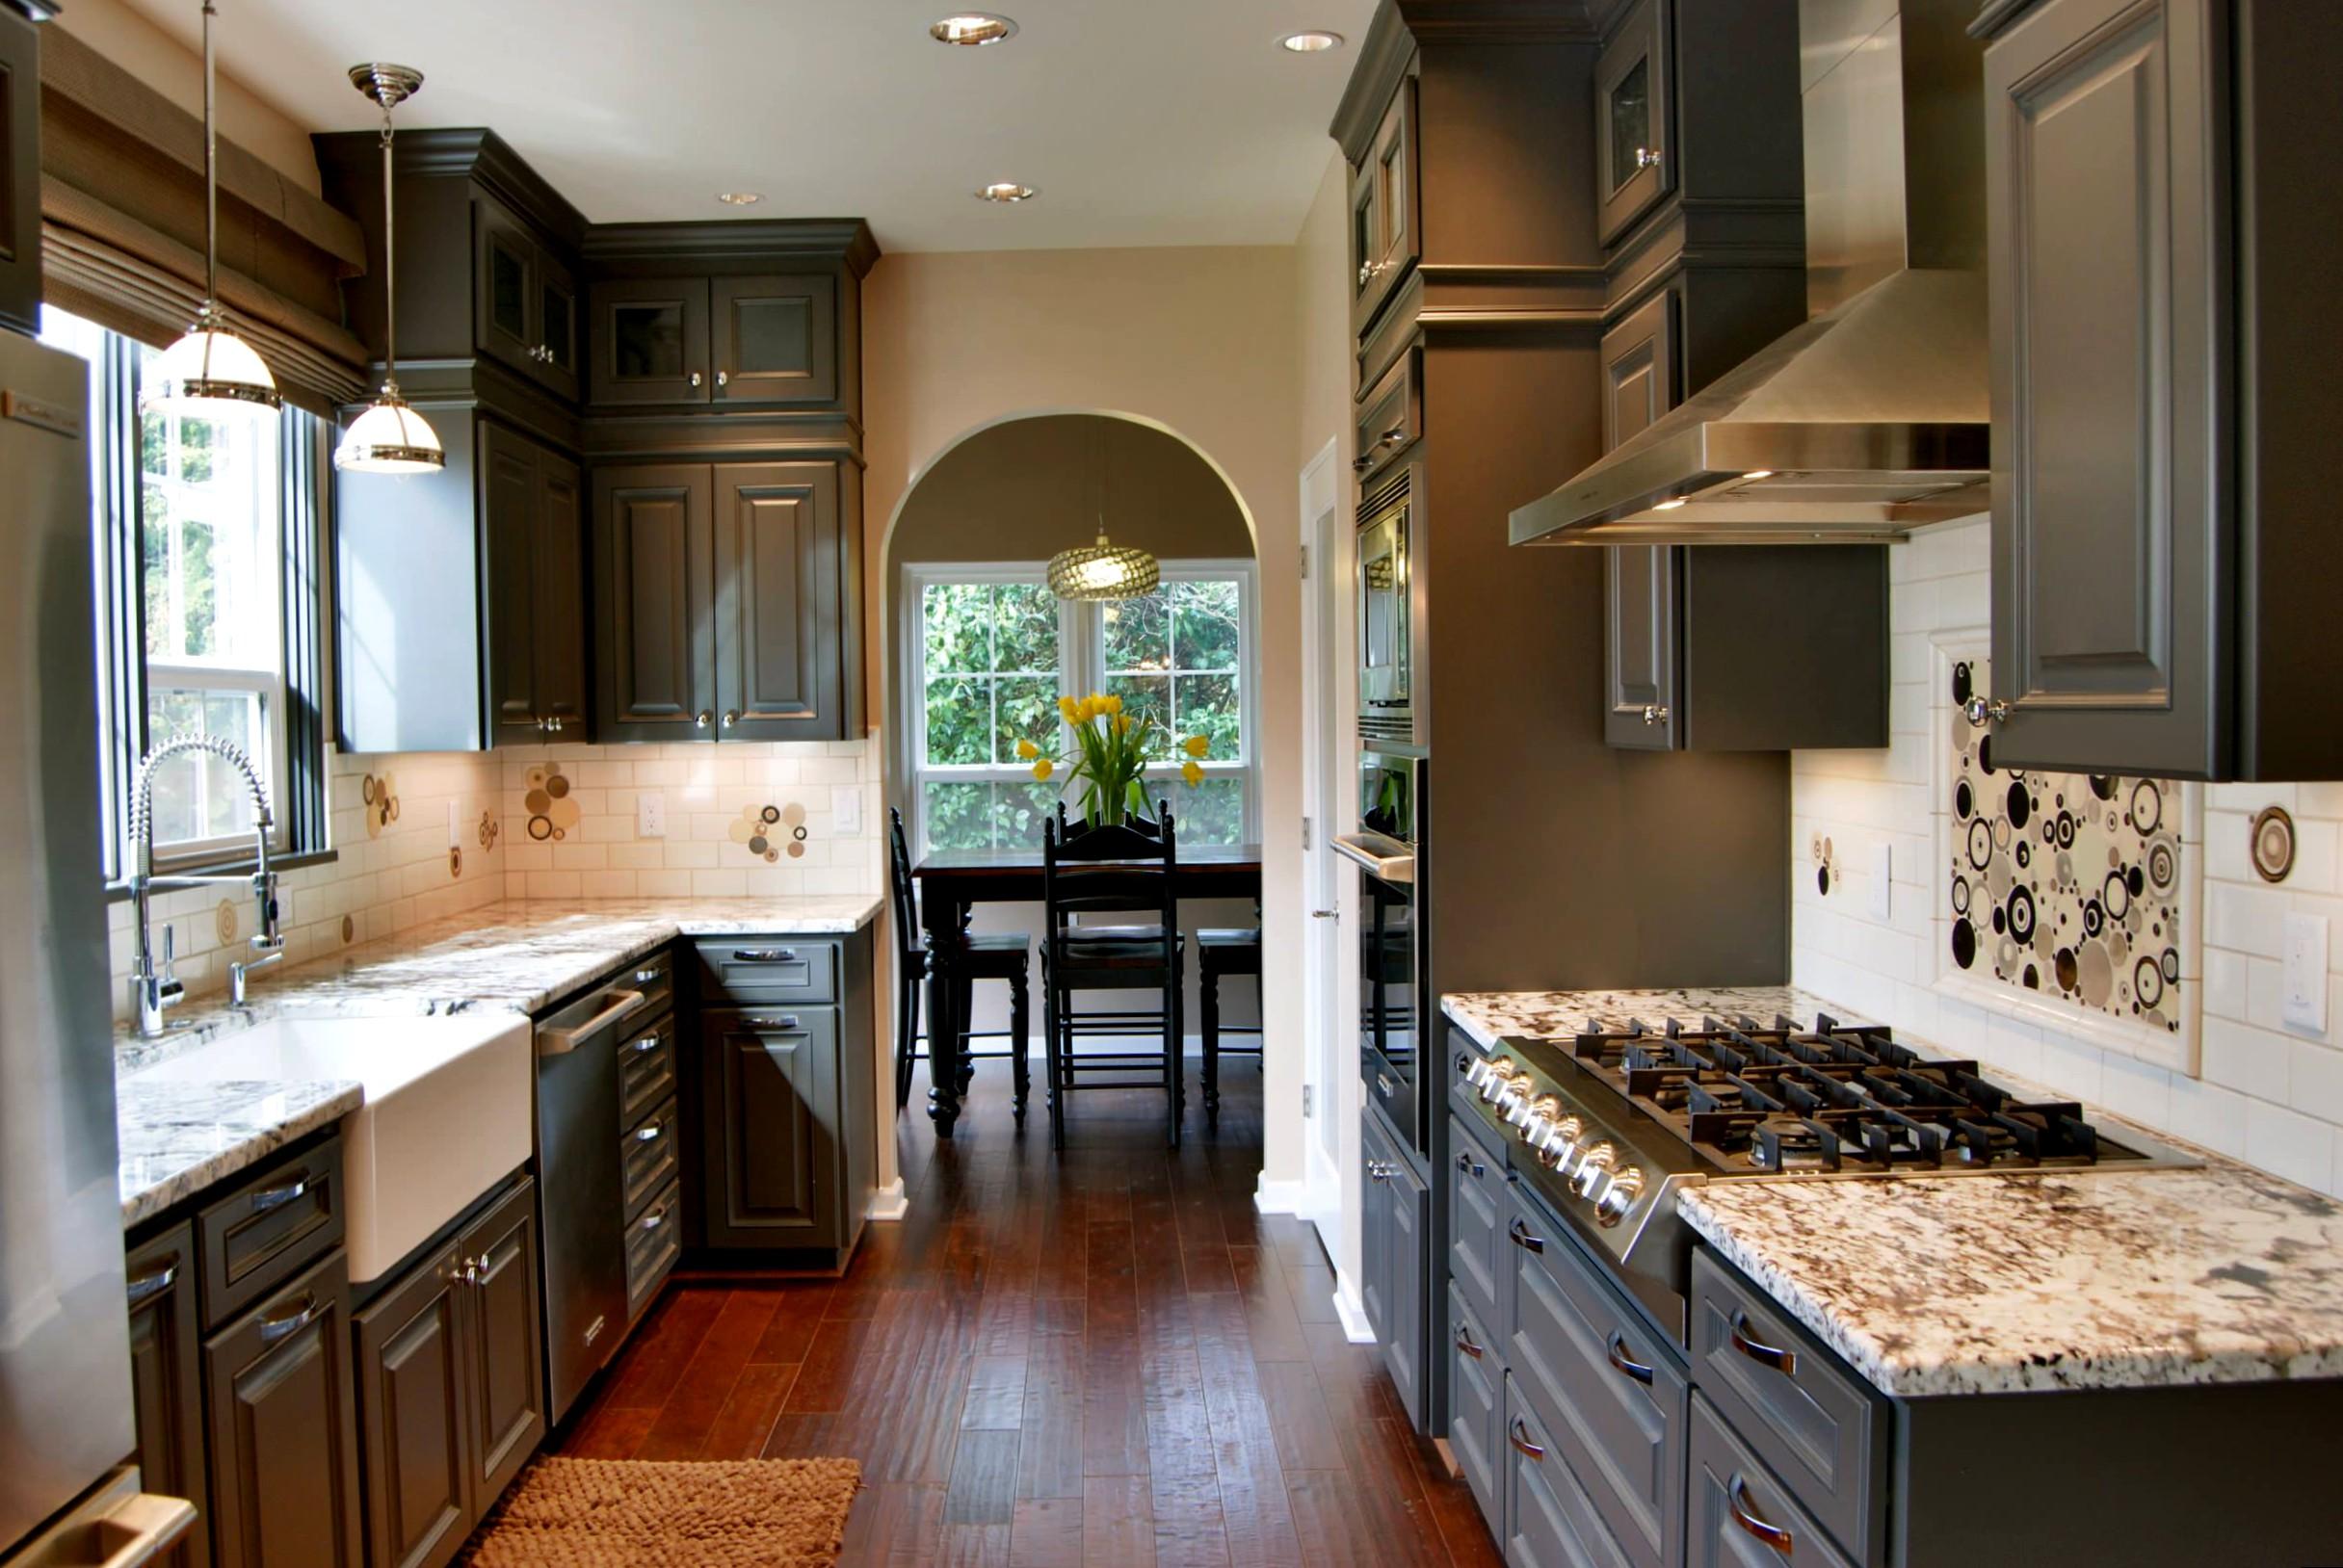 Дизайн кухни в доме 70 фото - Moreidei.ru